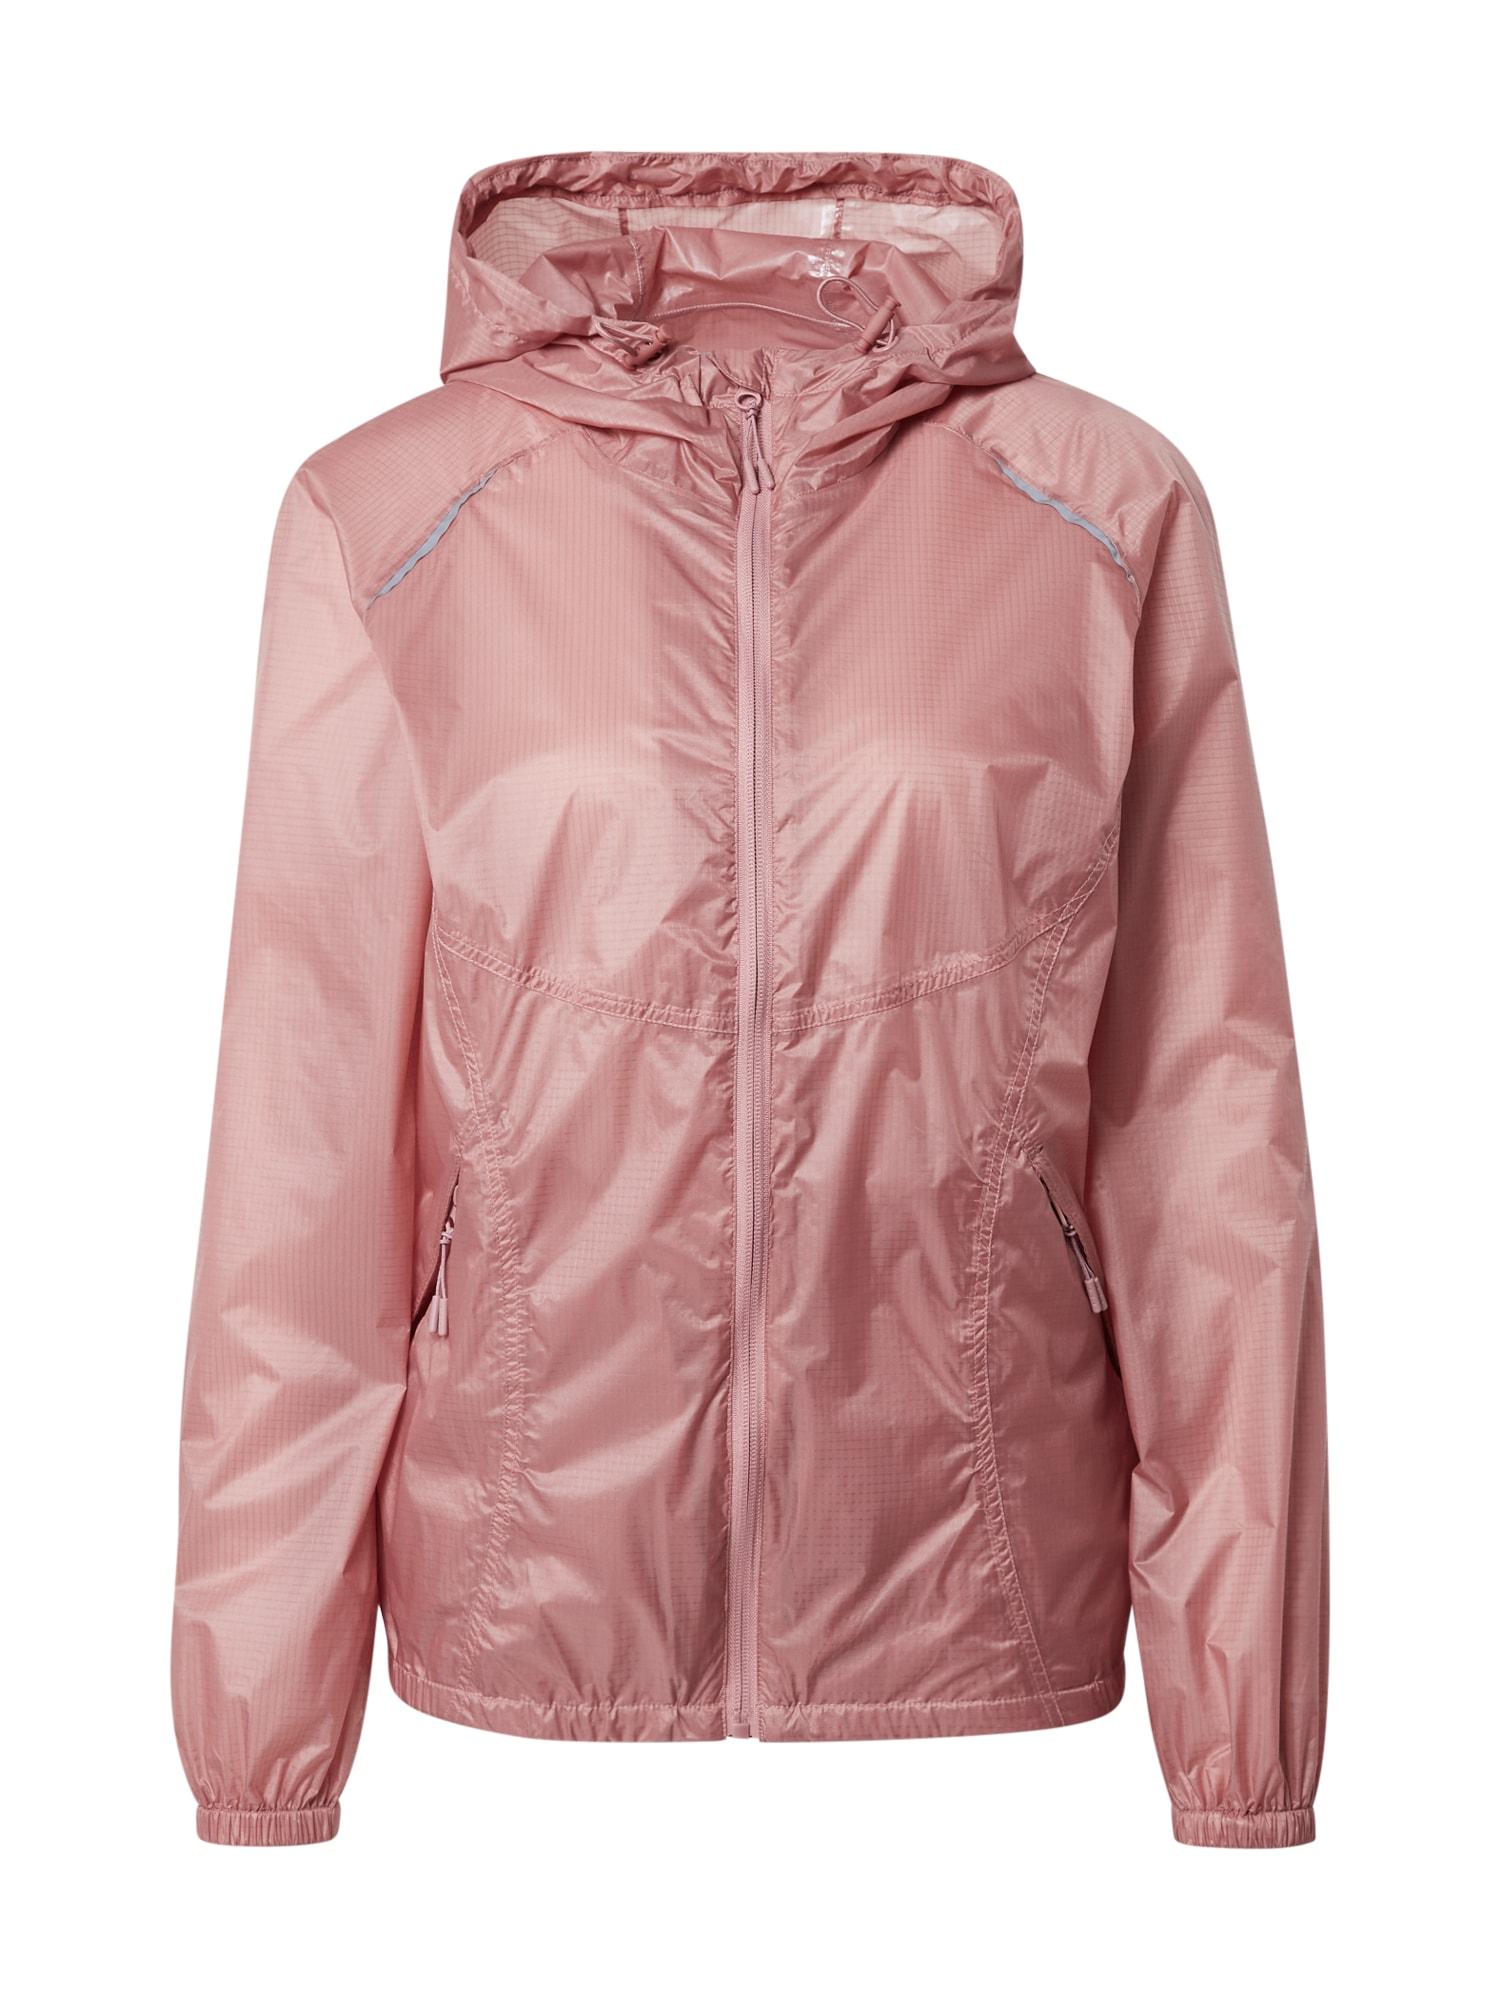 ESPRIT SPORT Sportinė striukė ryškiai rožinė spalva